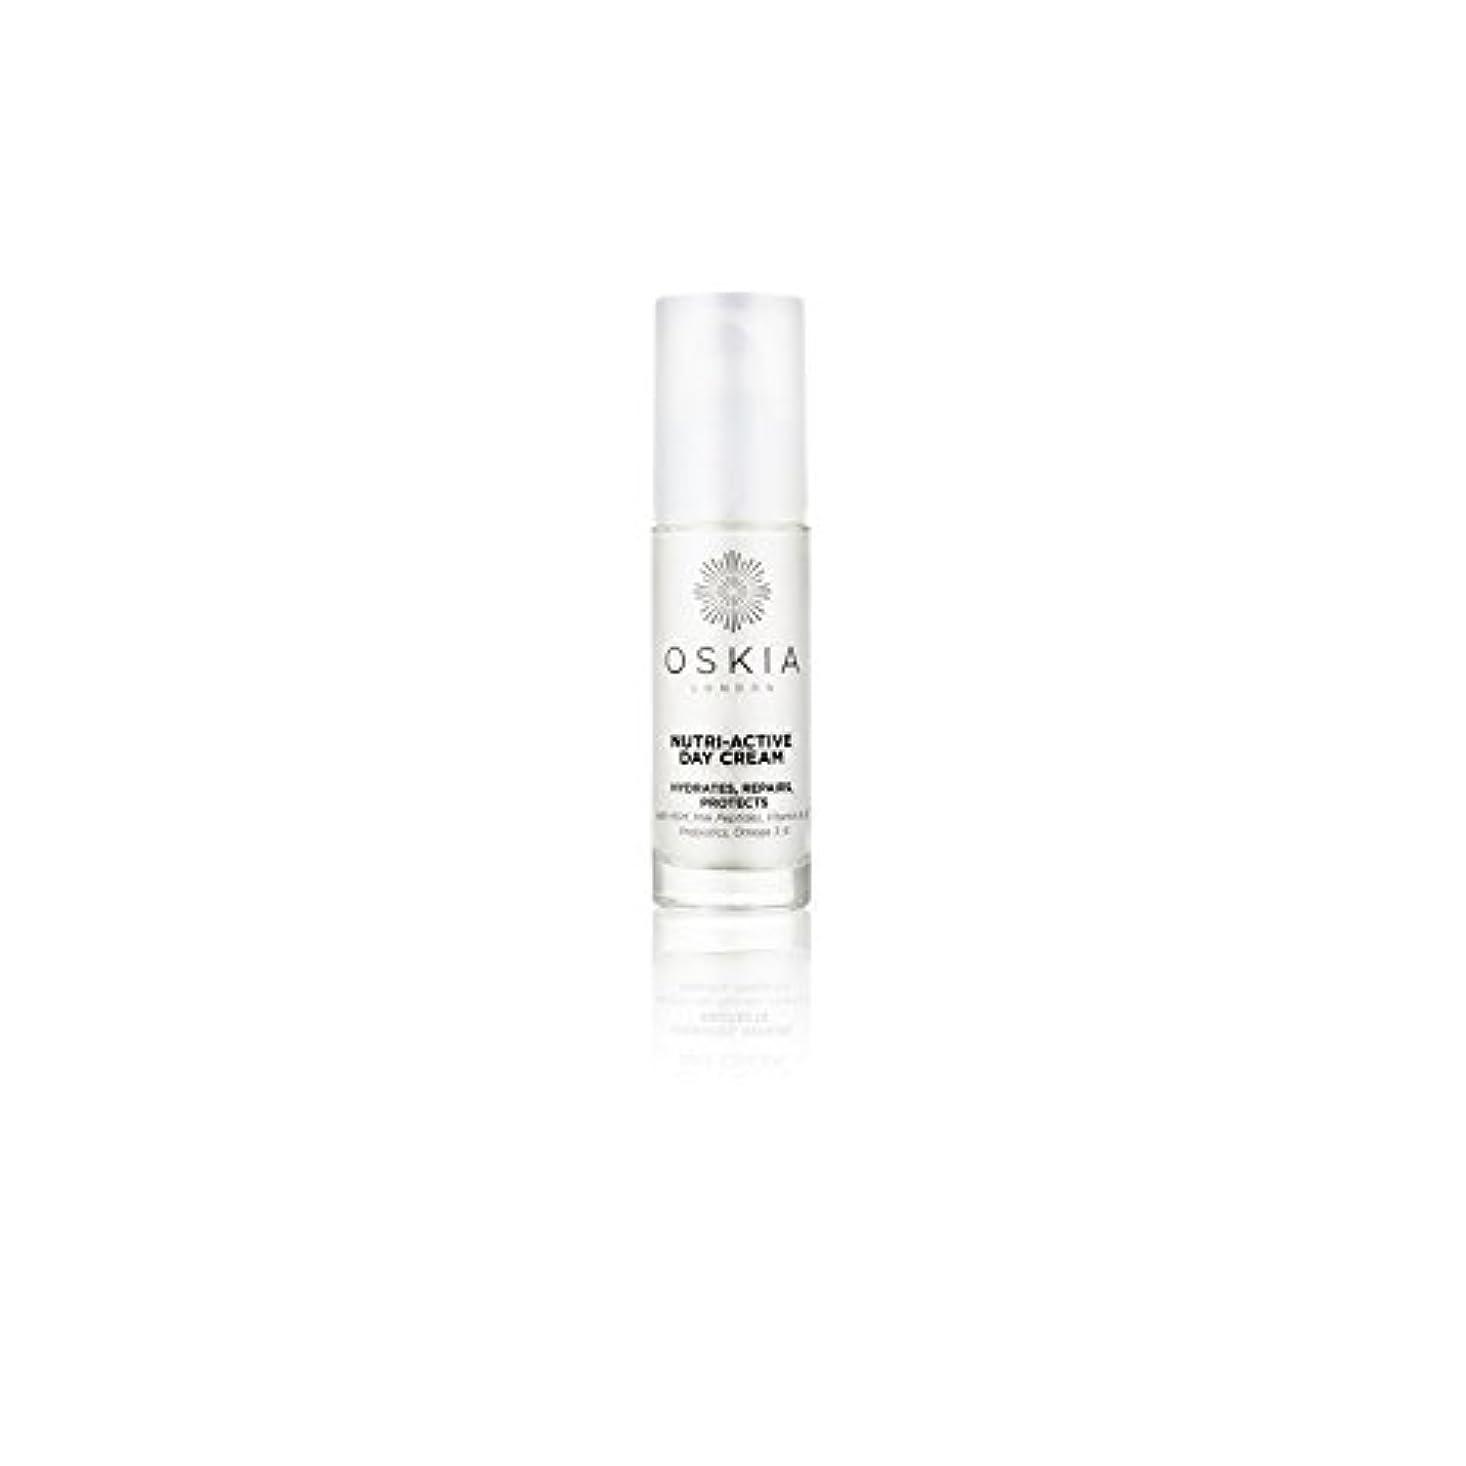 心配する虐待コンセンサスのニュートリアクティブデイクリーム(40ミリリットル) x4 - Oskia Nutri-Active Day Cream (40ml) (Pack of 4) [並行輸入品]